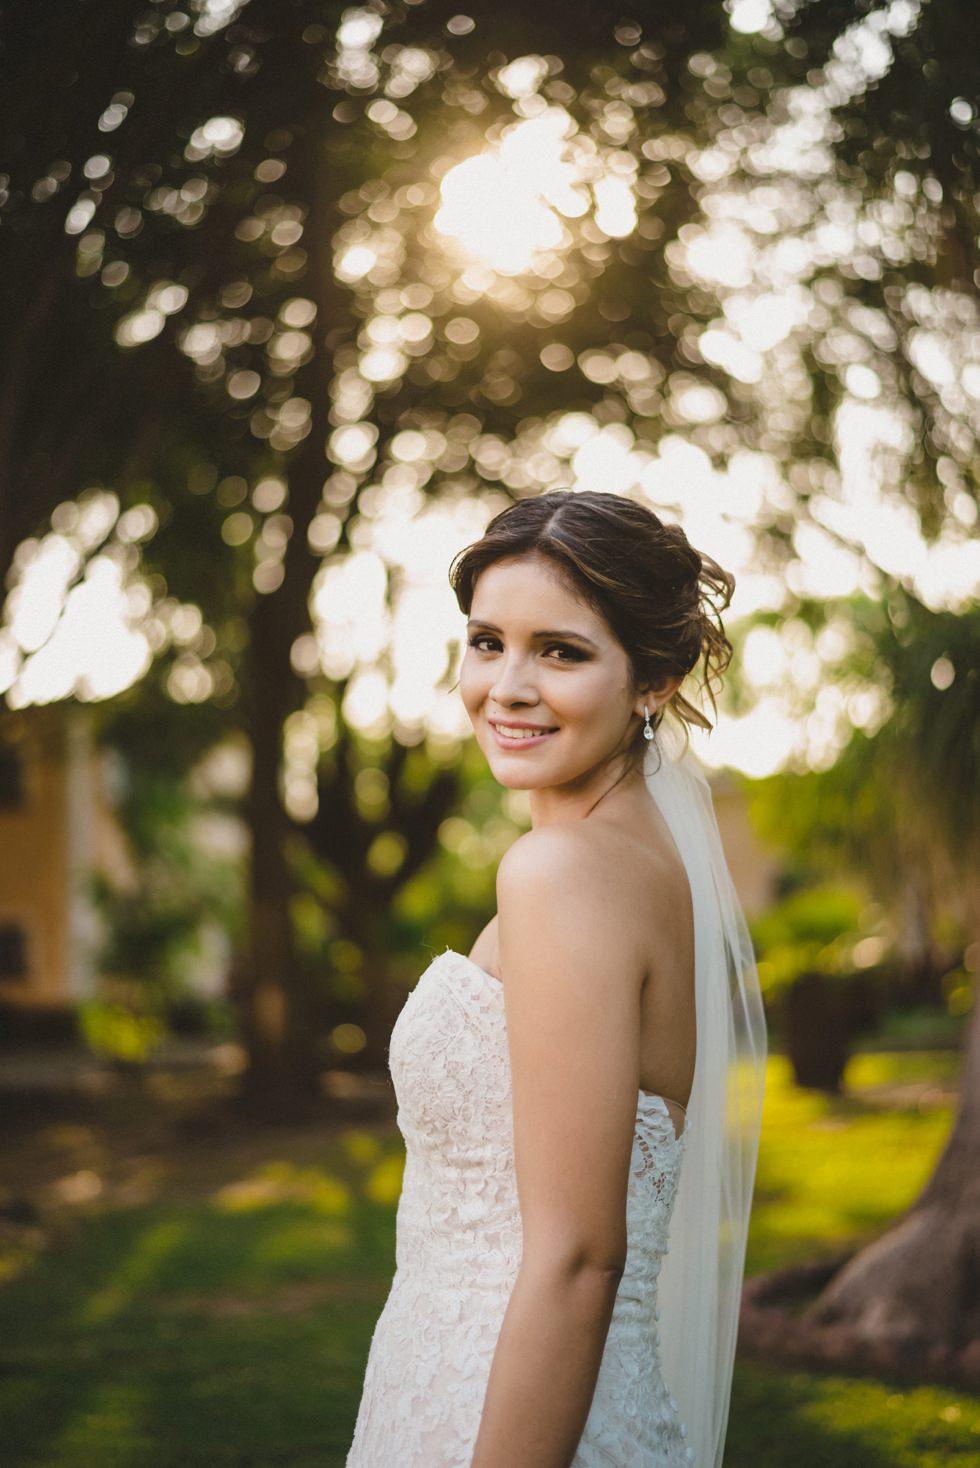 weddingdreams-fotografos_profesionales_de_bodas_1571.jpg